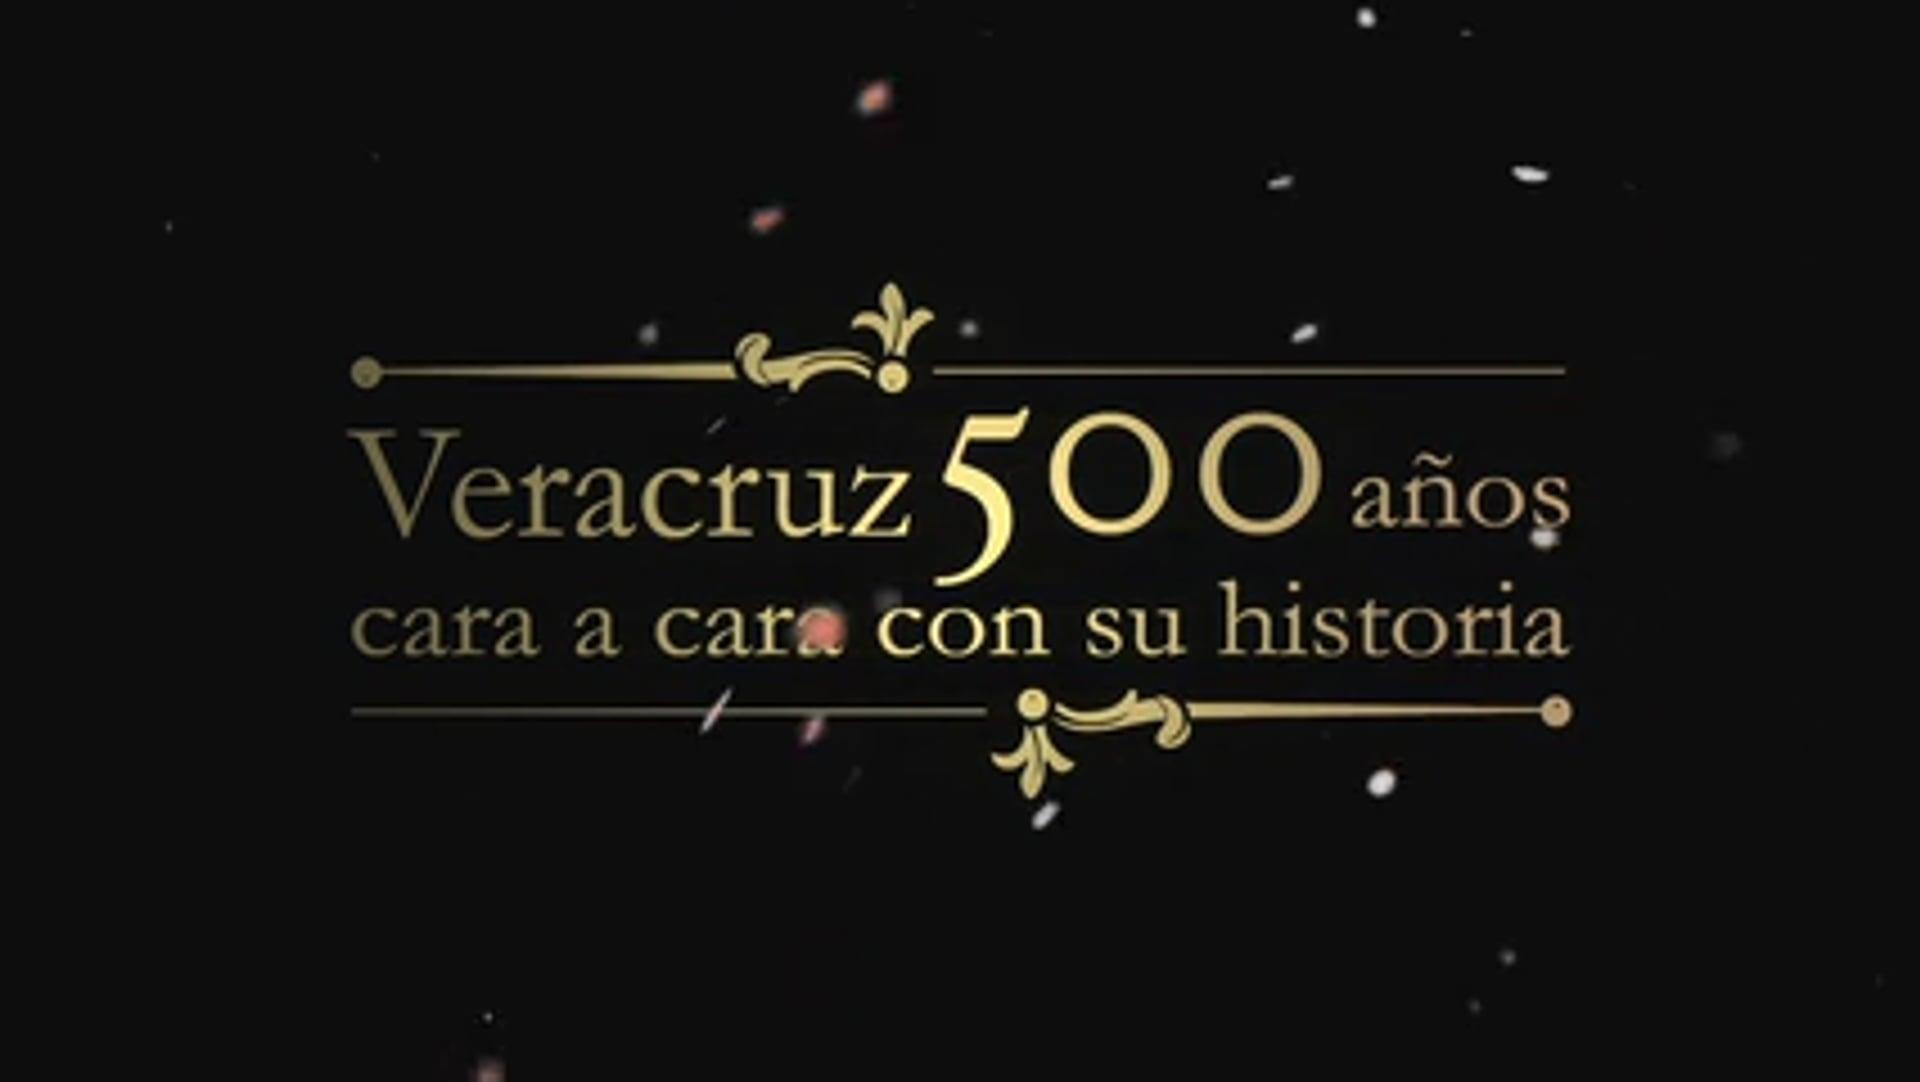 Veracruz 500 Años